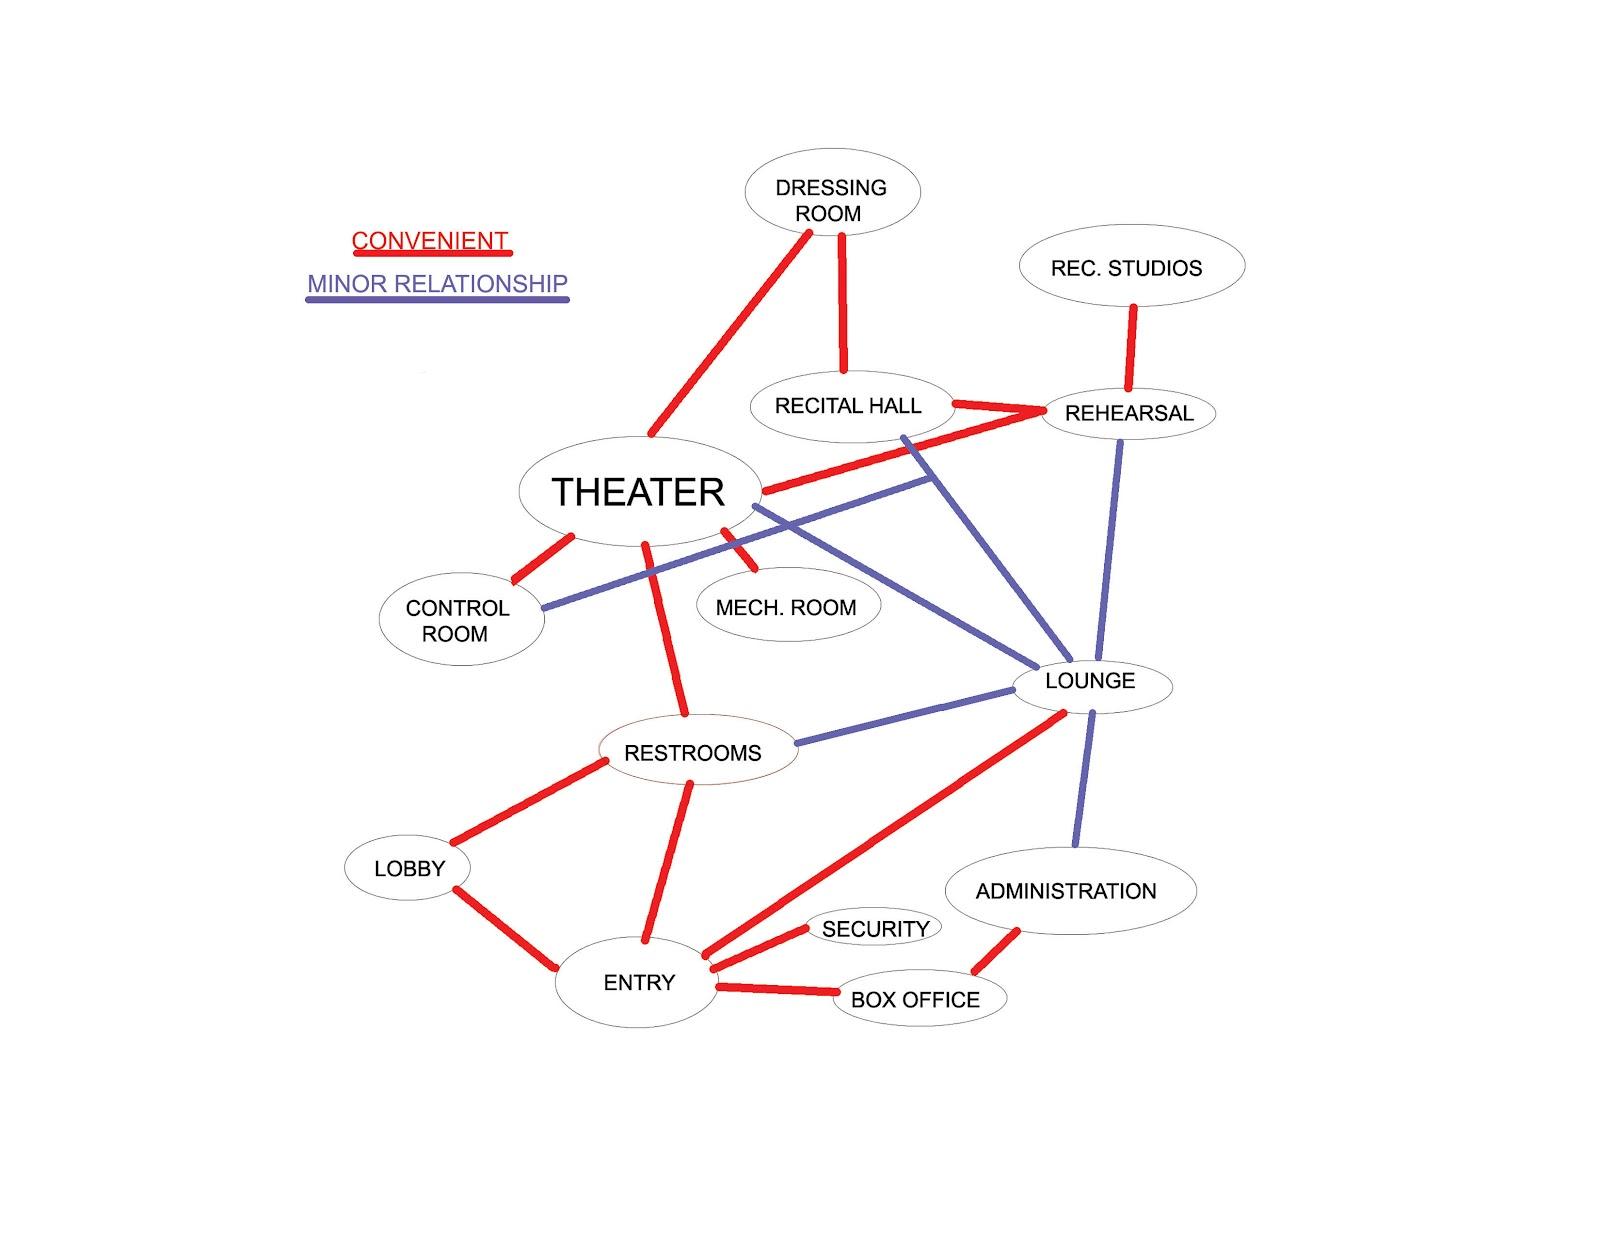 ml architecture matrix and bubble diagram : circulatory diagram architecture - findchart.co